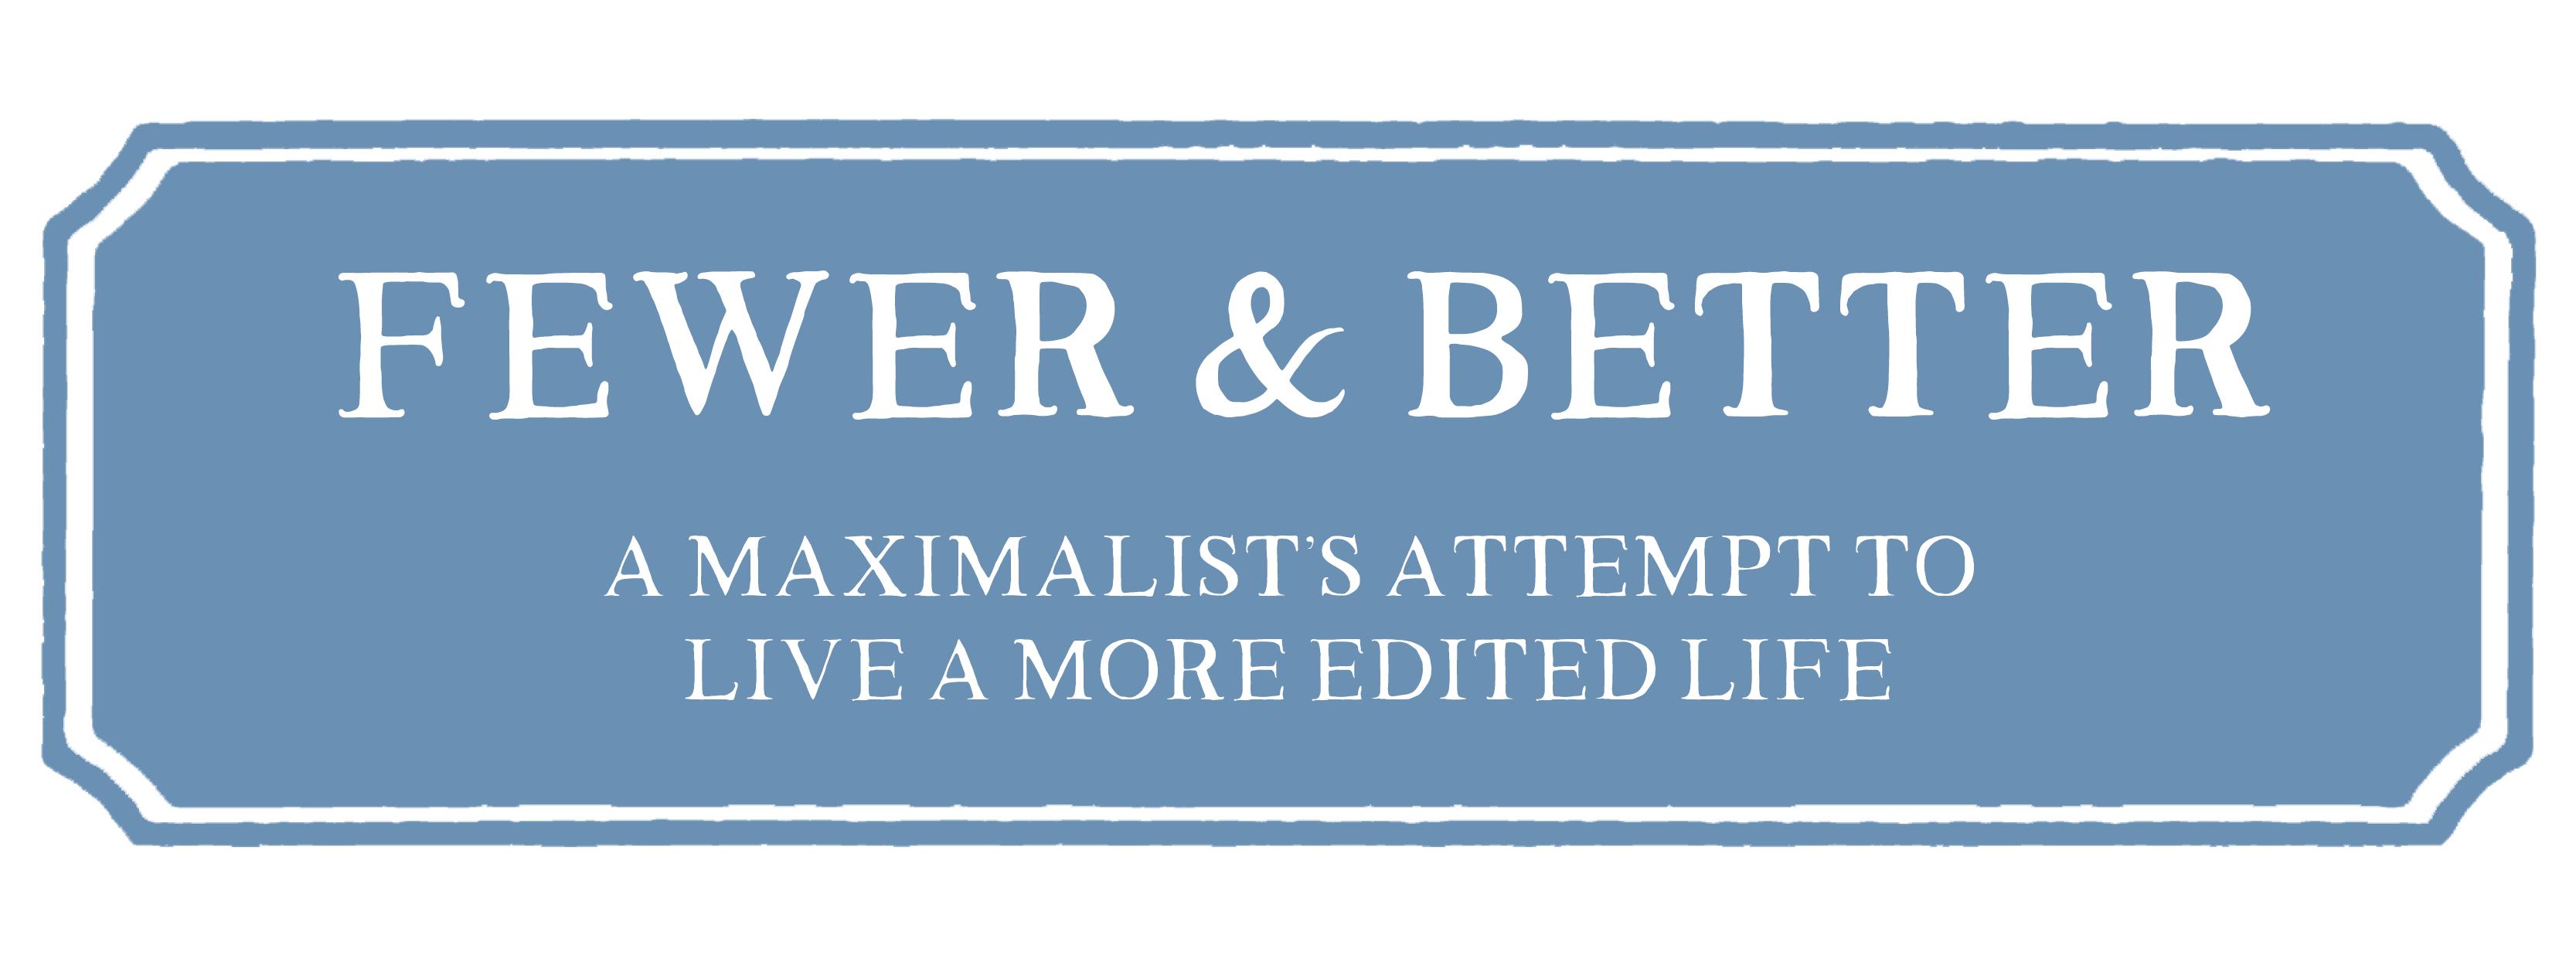 Fewer & Better